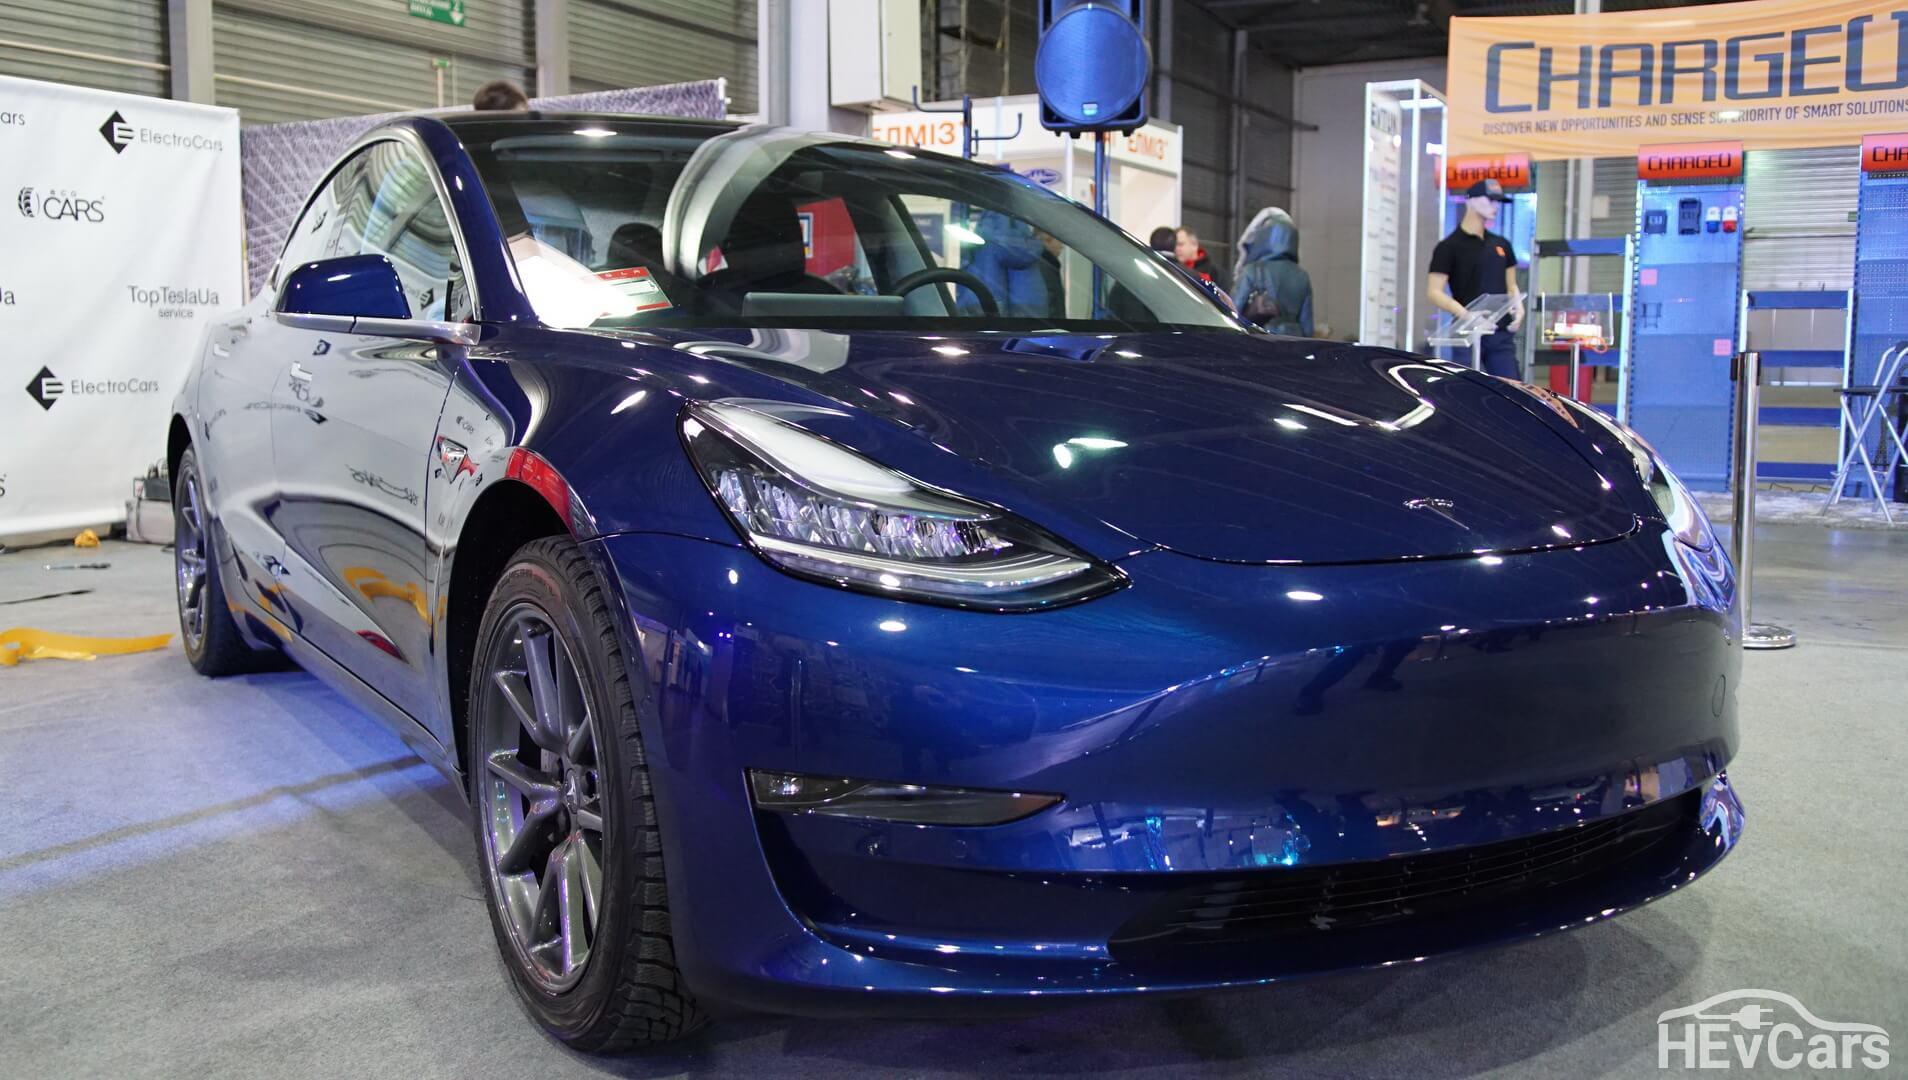 Эксклюзивная Tesla Model 3 на выставке Plug-In Ukraine 2018